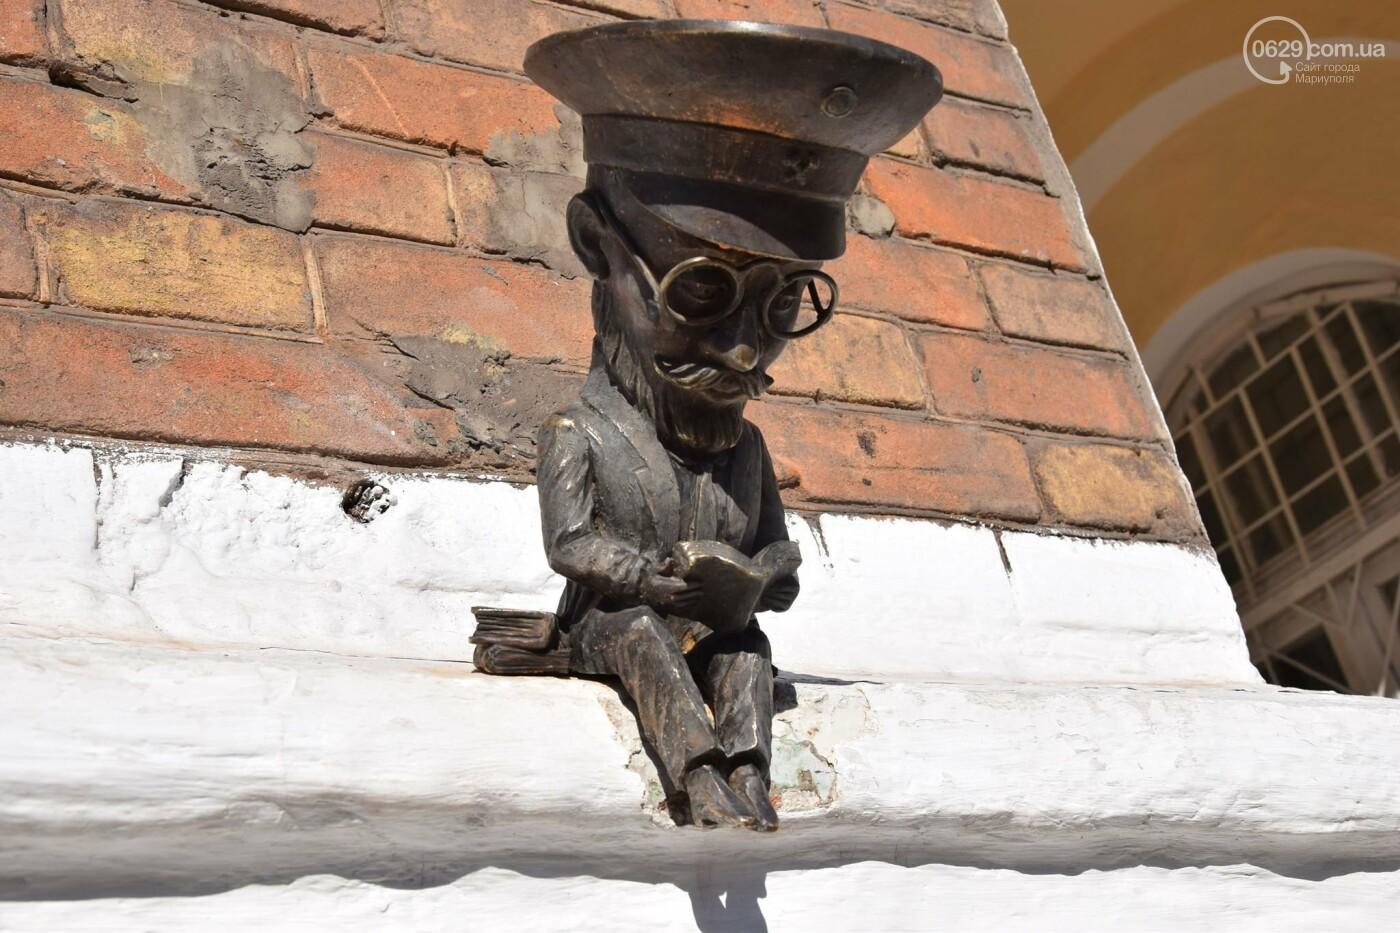 Воскрешение Дзержинского? С кем еще мариупольцы спутали известного архитектора, - ФОТО, ВИДЕО, фото-4